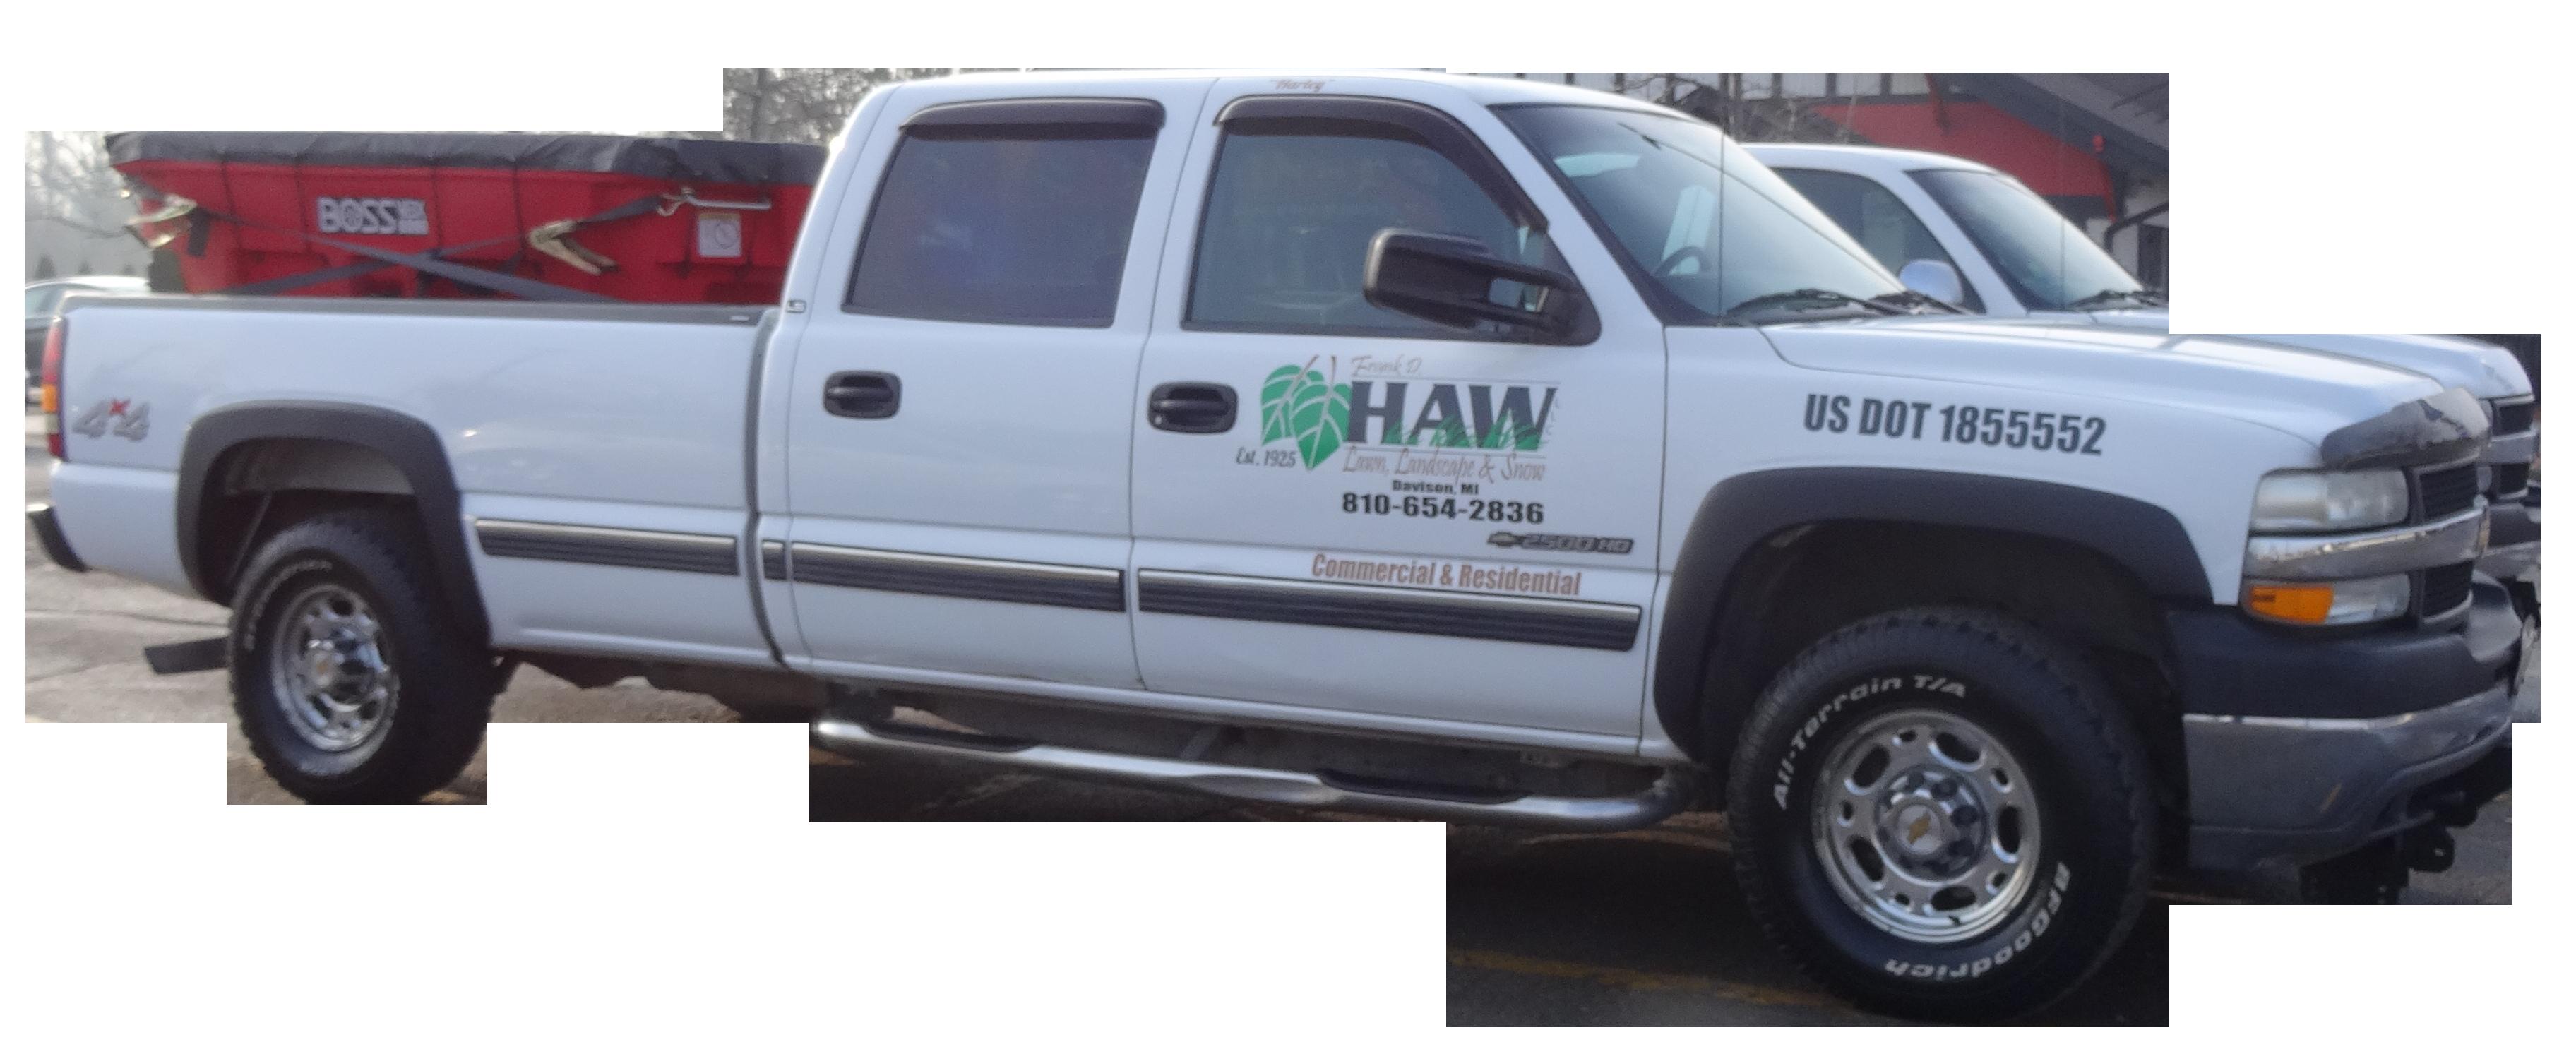 Haw Lawn & Landscape Truck